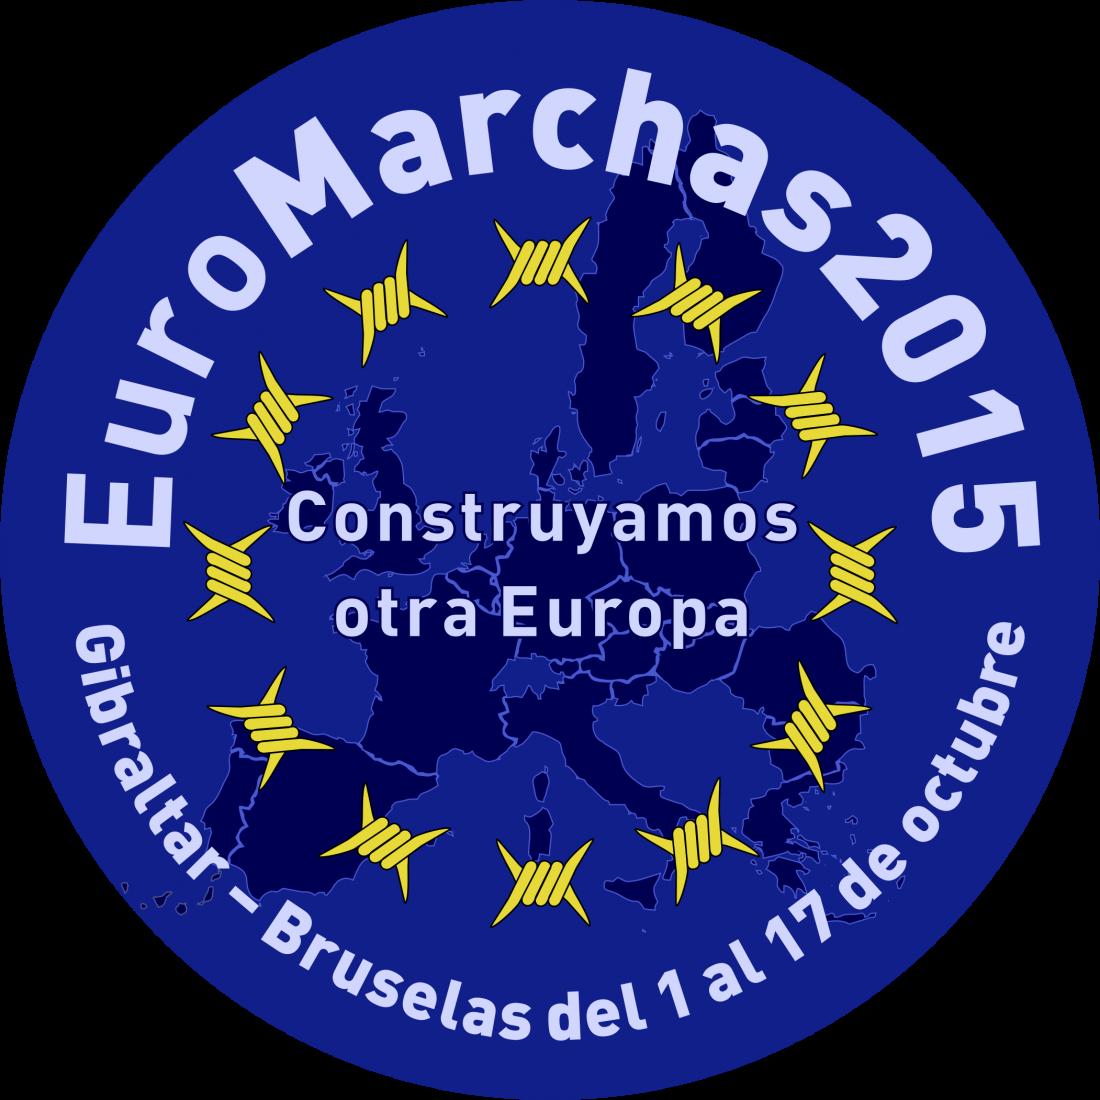 """En la CGT no compartimos y por ello no participaremos de actos """"electoralistas"""" como el que se pretende realizar en Cádiz en la presentación de las Euromarchas"""